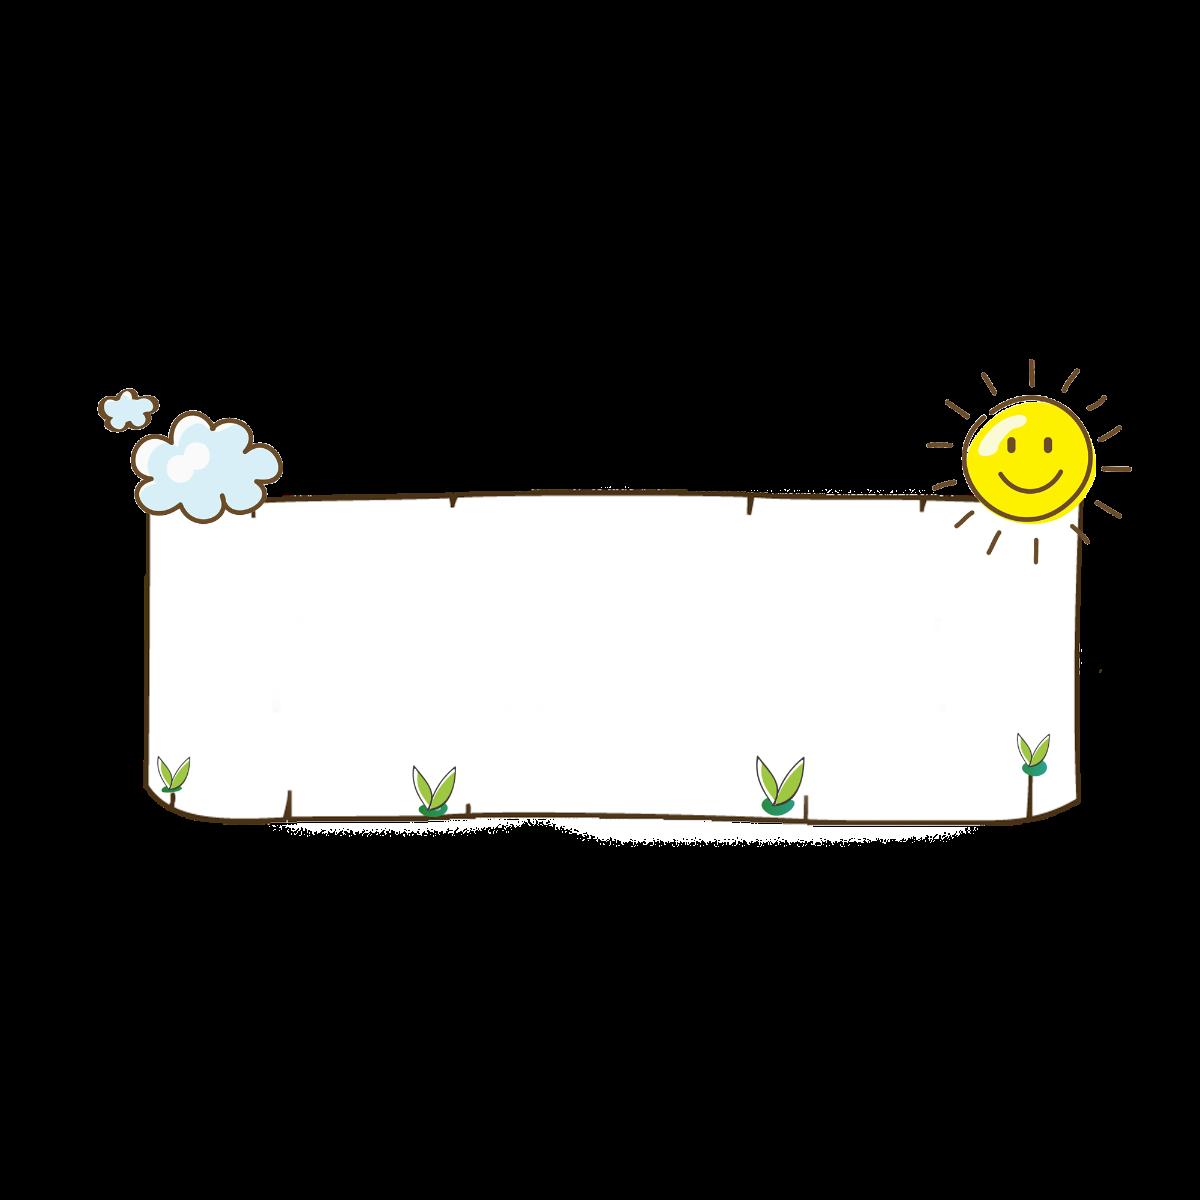 班培训/少儿培训机构招生/卡通手绘教育机构辅导班_微信h5页面_maka